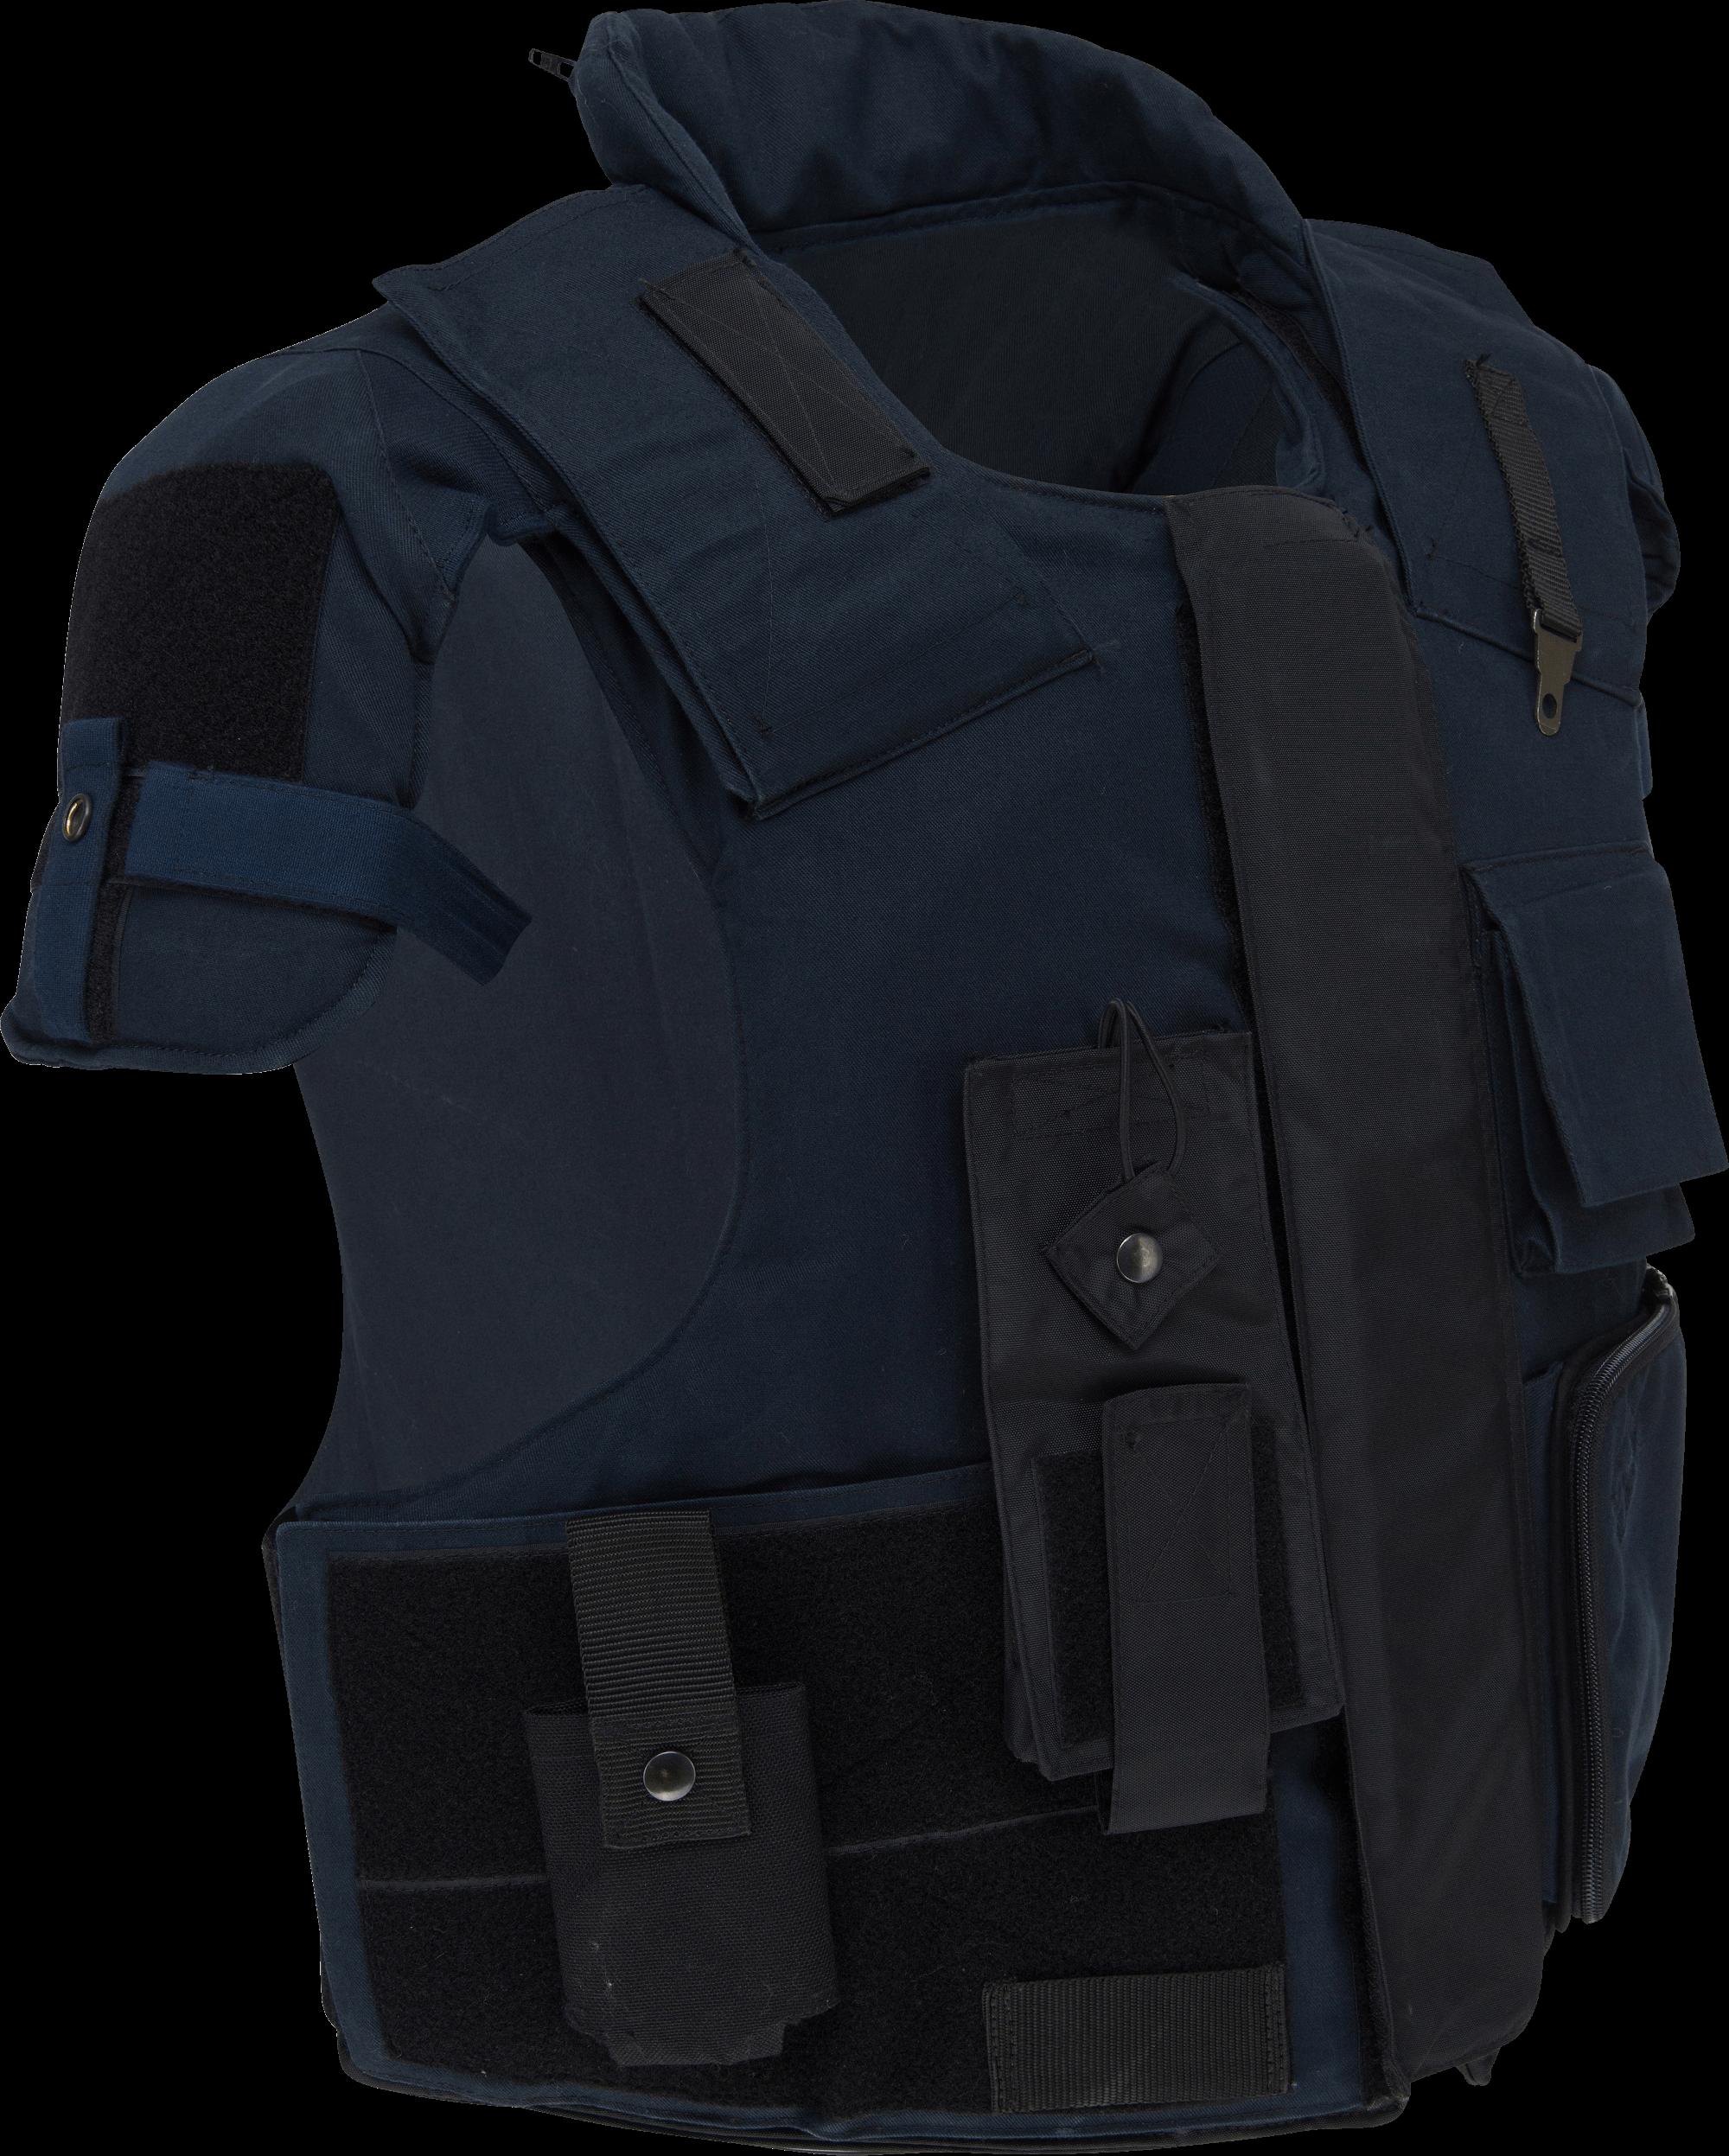 Schlag- und Stichschutz-Weste, original Polizeimodell,  gebraucht, Bestzustand, mit Transport-Tasche